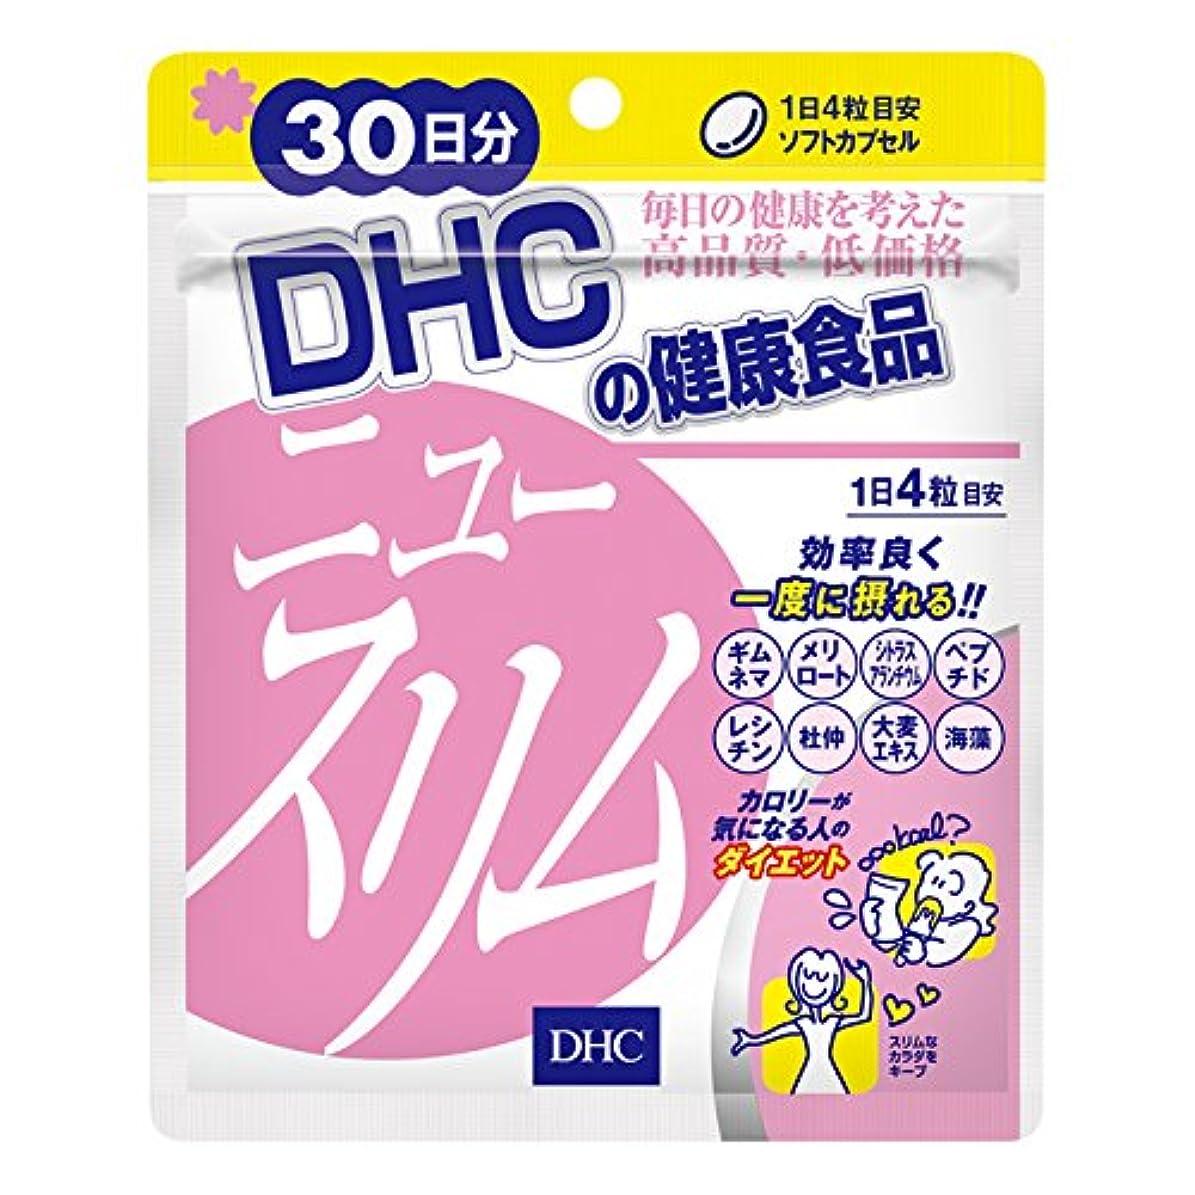 現象ウェブすぐにDHC ニュースリム 30日分